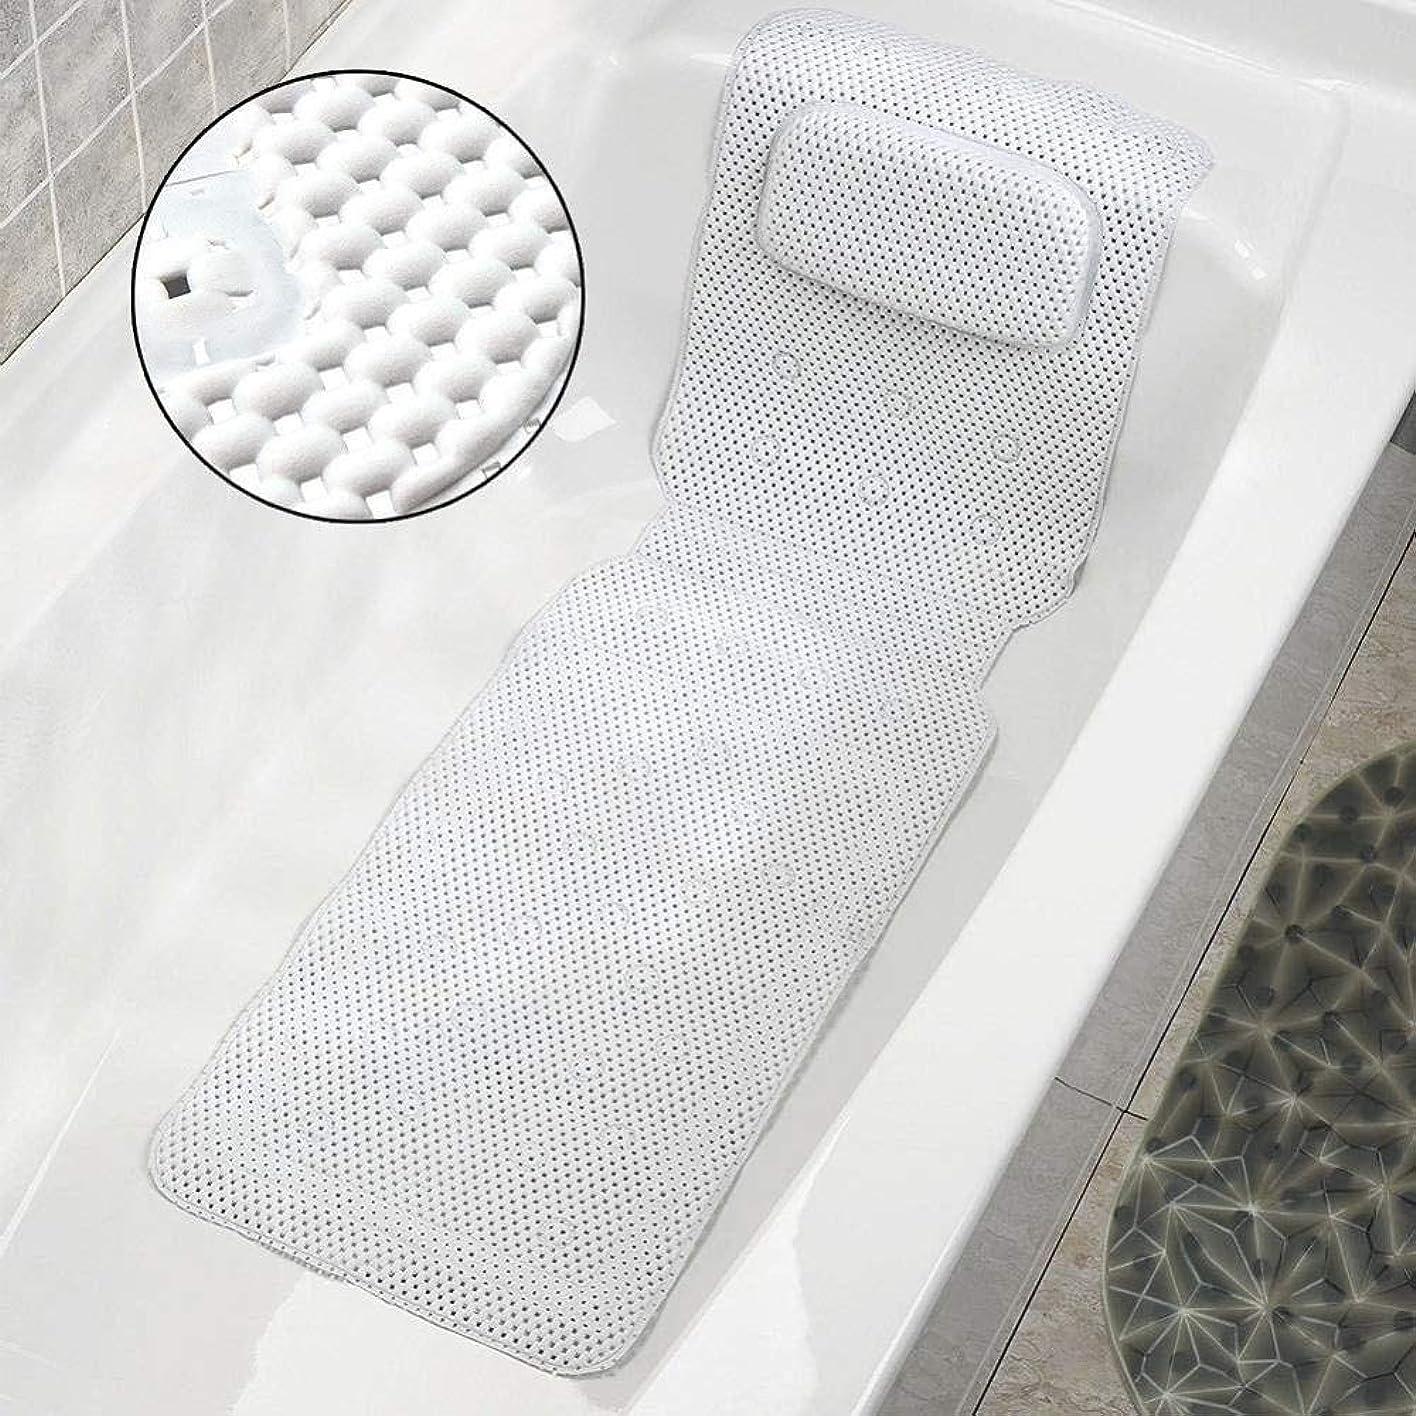 LMCLJJ バスピロー全身用速乾性スパピロー浴槽、ソフトPVC付きバスタブピロー、吸引カップ付きバスベッド通気性